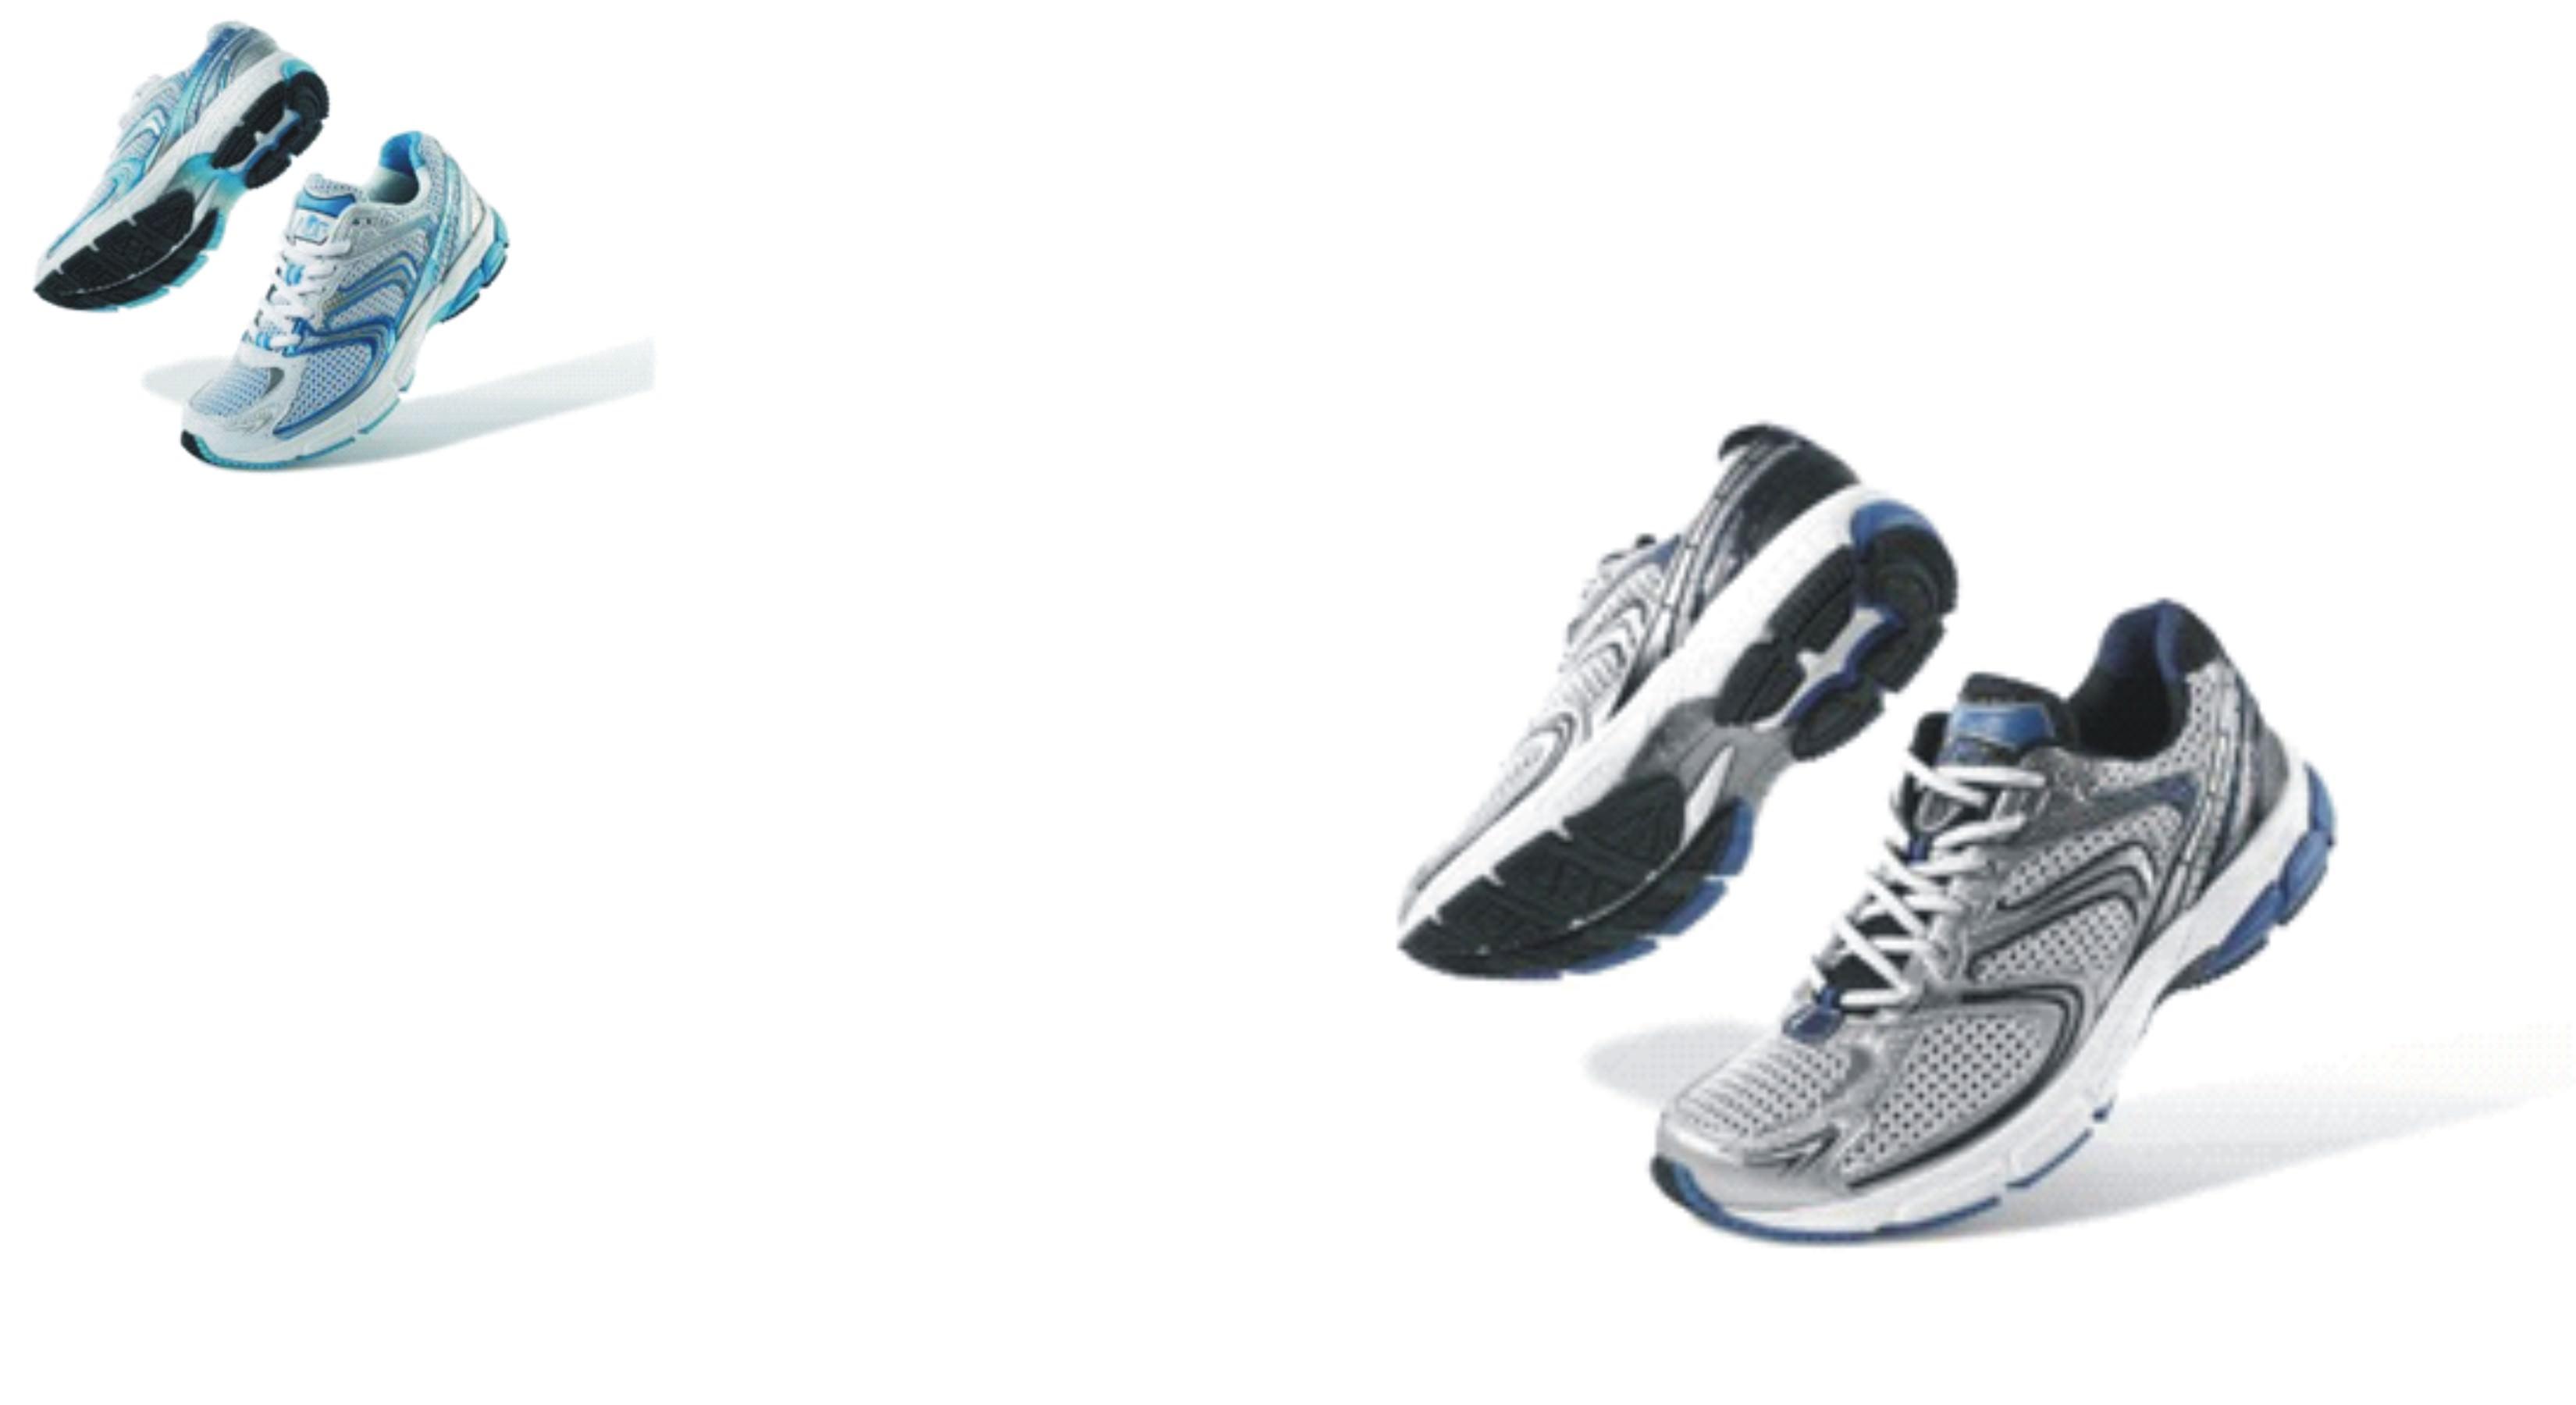 4842c047 ... mogą poczuć się lekko zawiedzeni, ale uważam że warto chociaż na chwilę  przyjrzeć się i zwrócić uwagę na buty do biegania nie za 400 ale za 65  złotych.